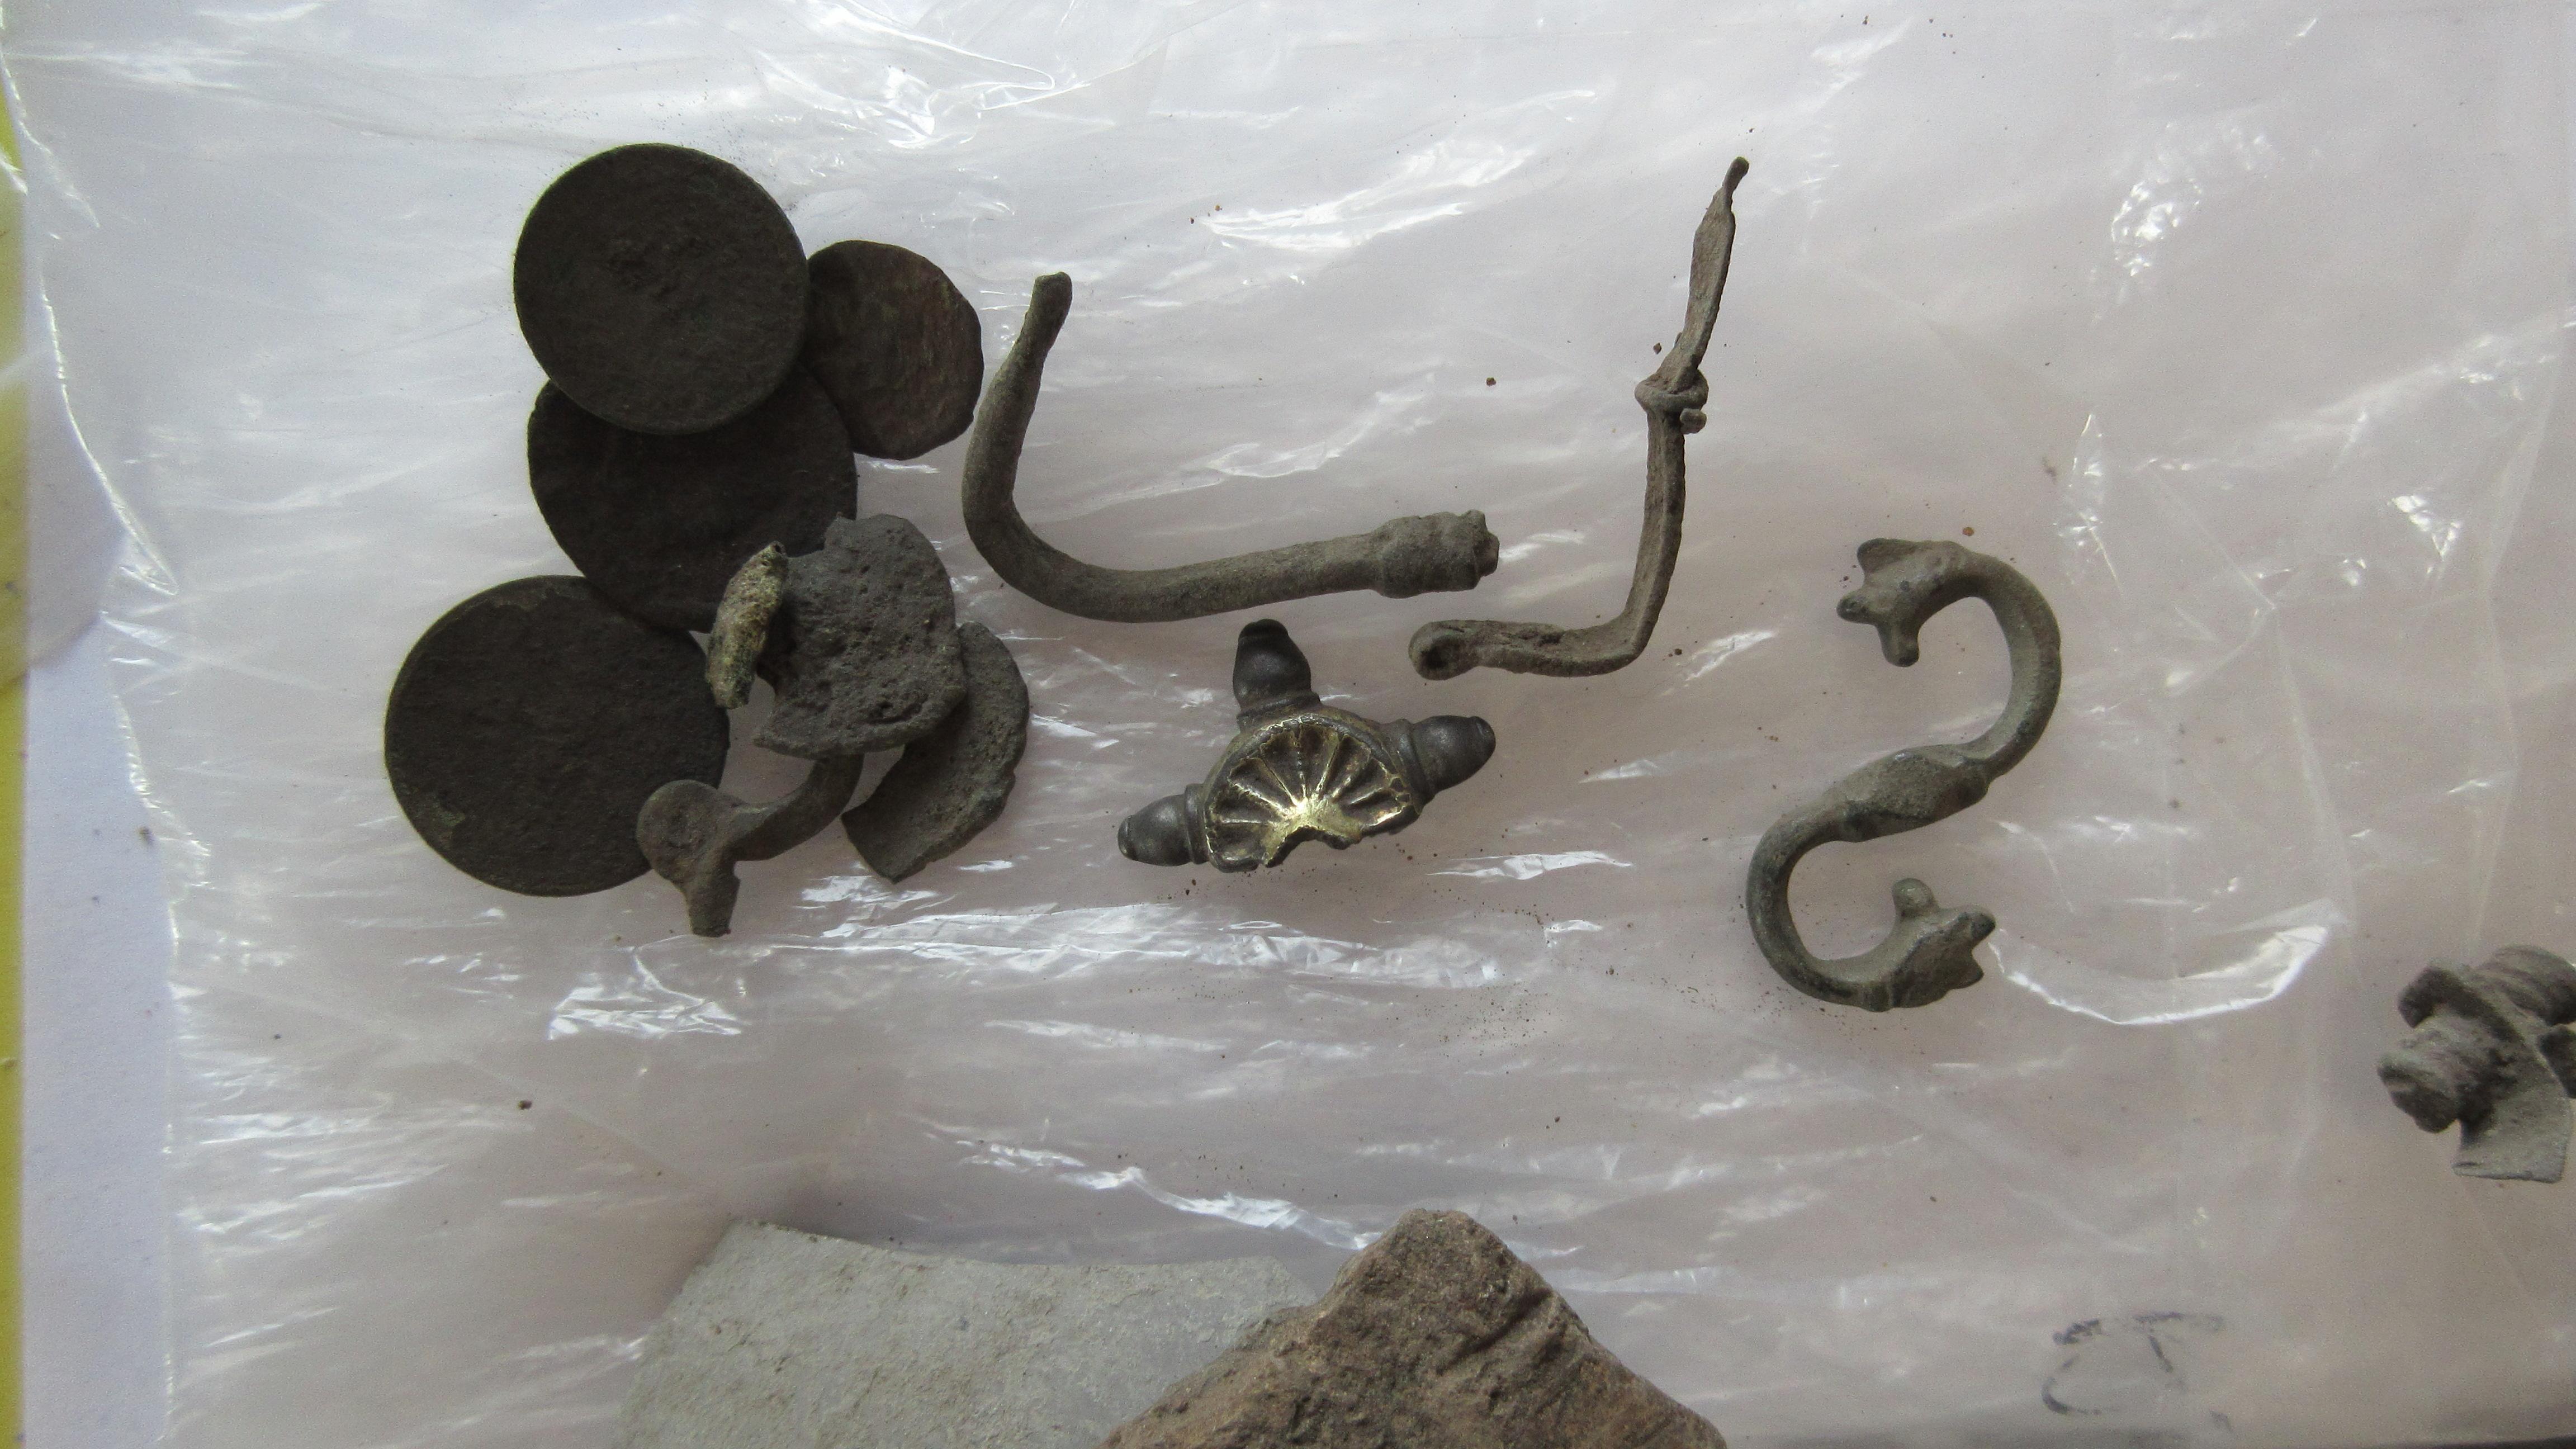 aranyozott ezüst gepida fibula töredéke, 'S' alakú kapocs állatfejekkel, fibulák és érmék